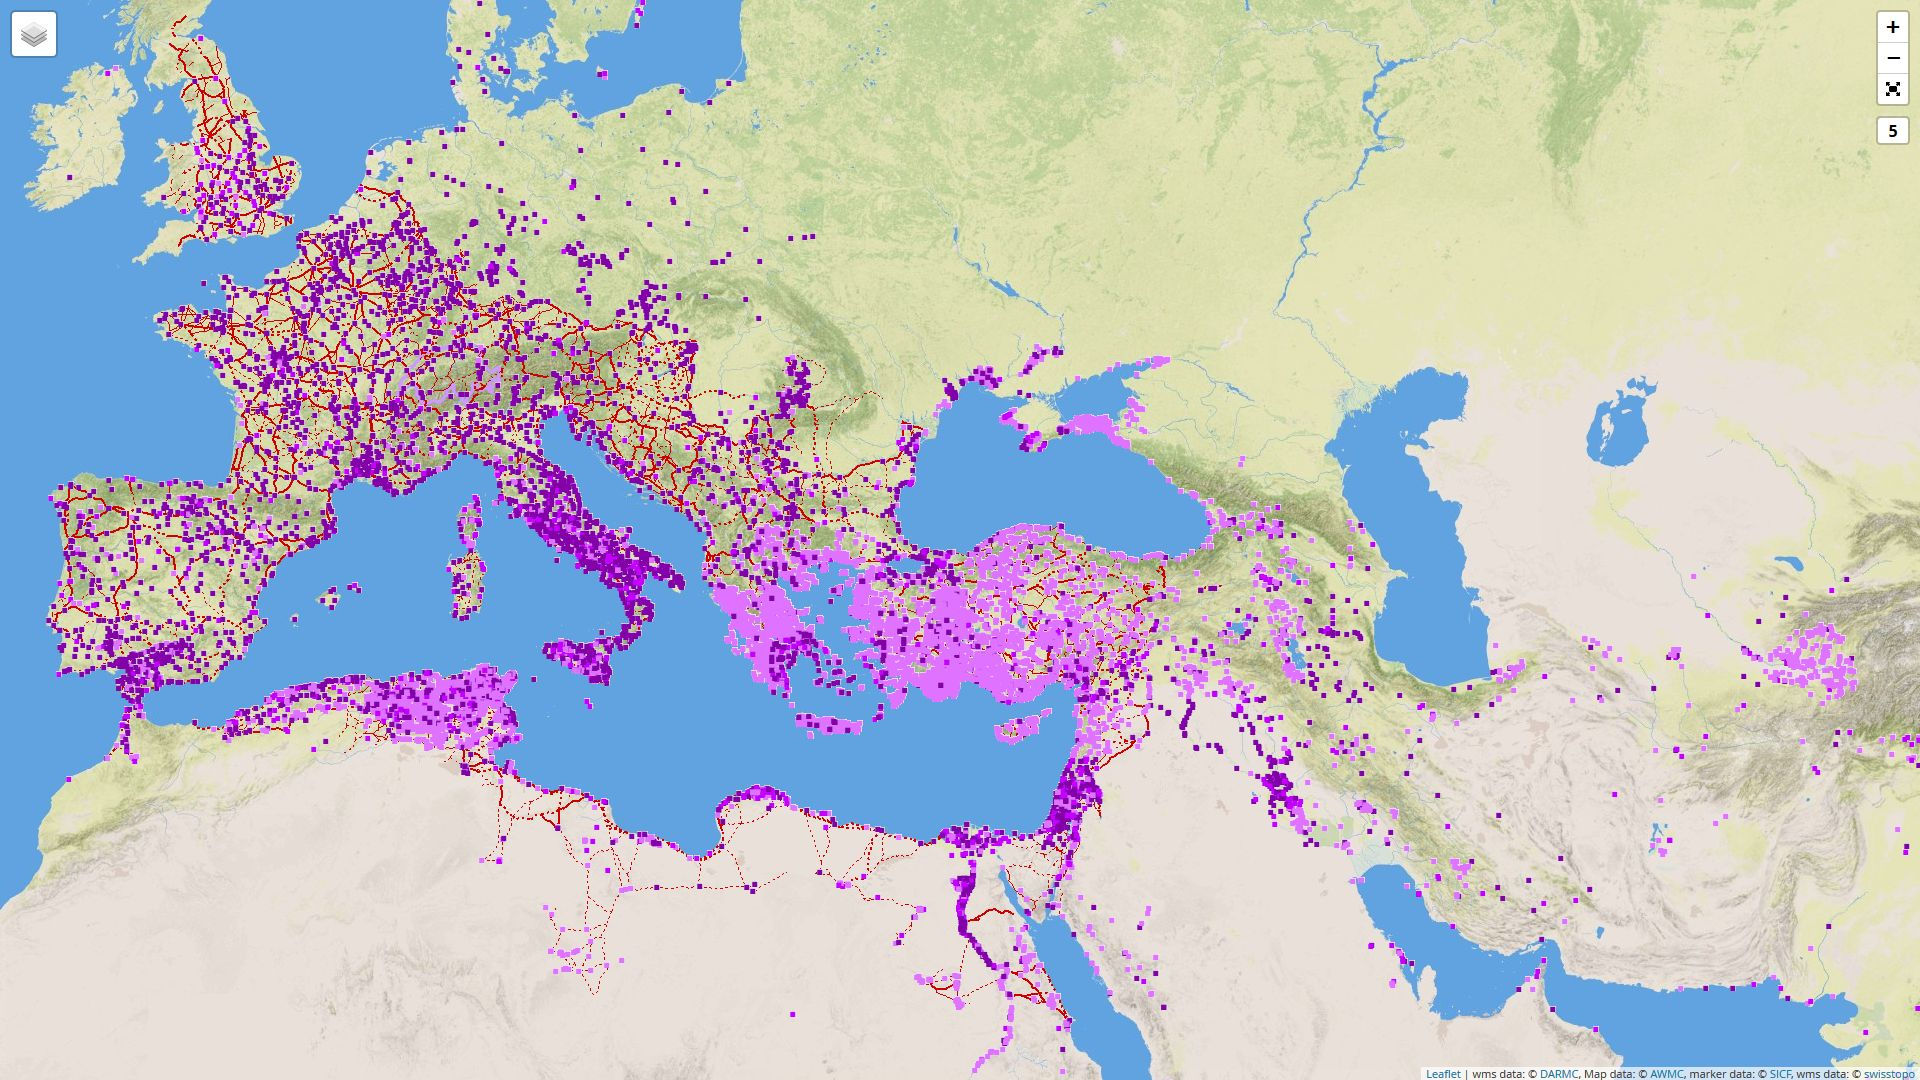 Digital Atlas of Roman and Medieval Civilizations: Karte mit römischen Strassen und Städten